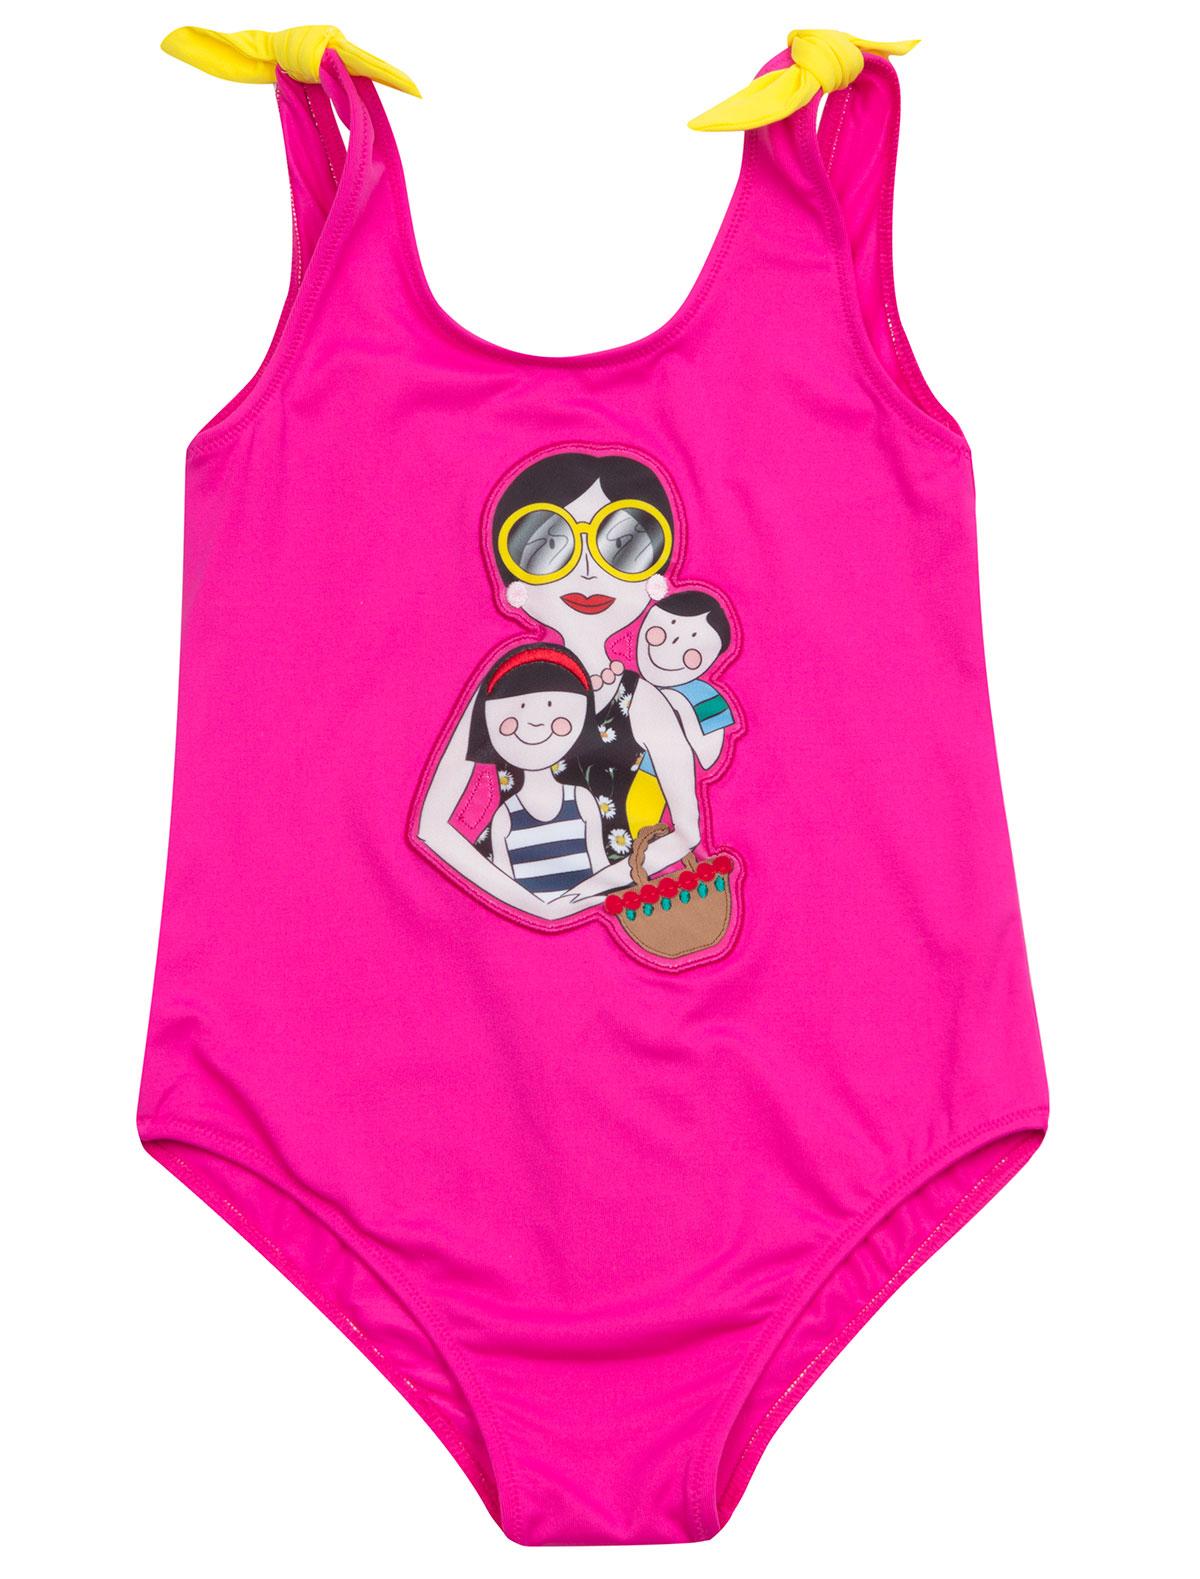 Купить 1862412, Купальник Dolce & Gabbana, розовый, Женский, 0880609670701